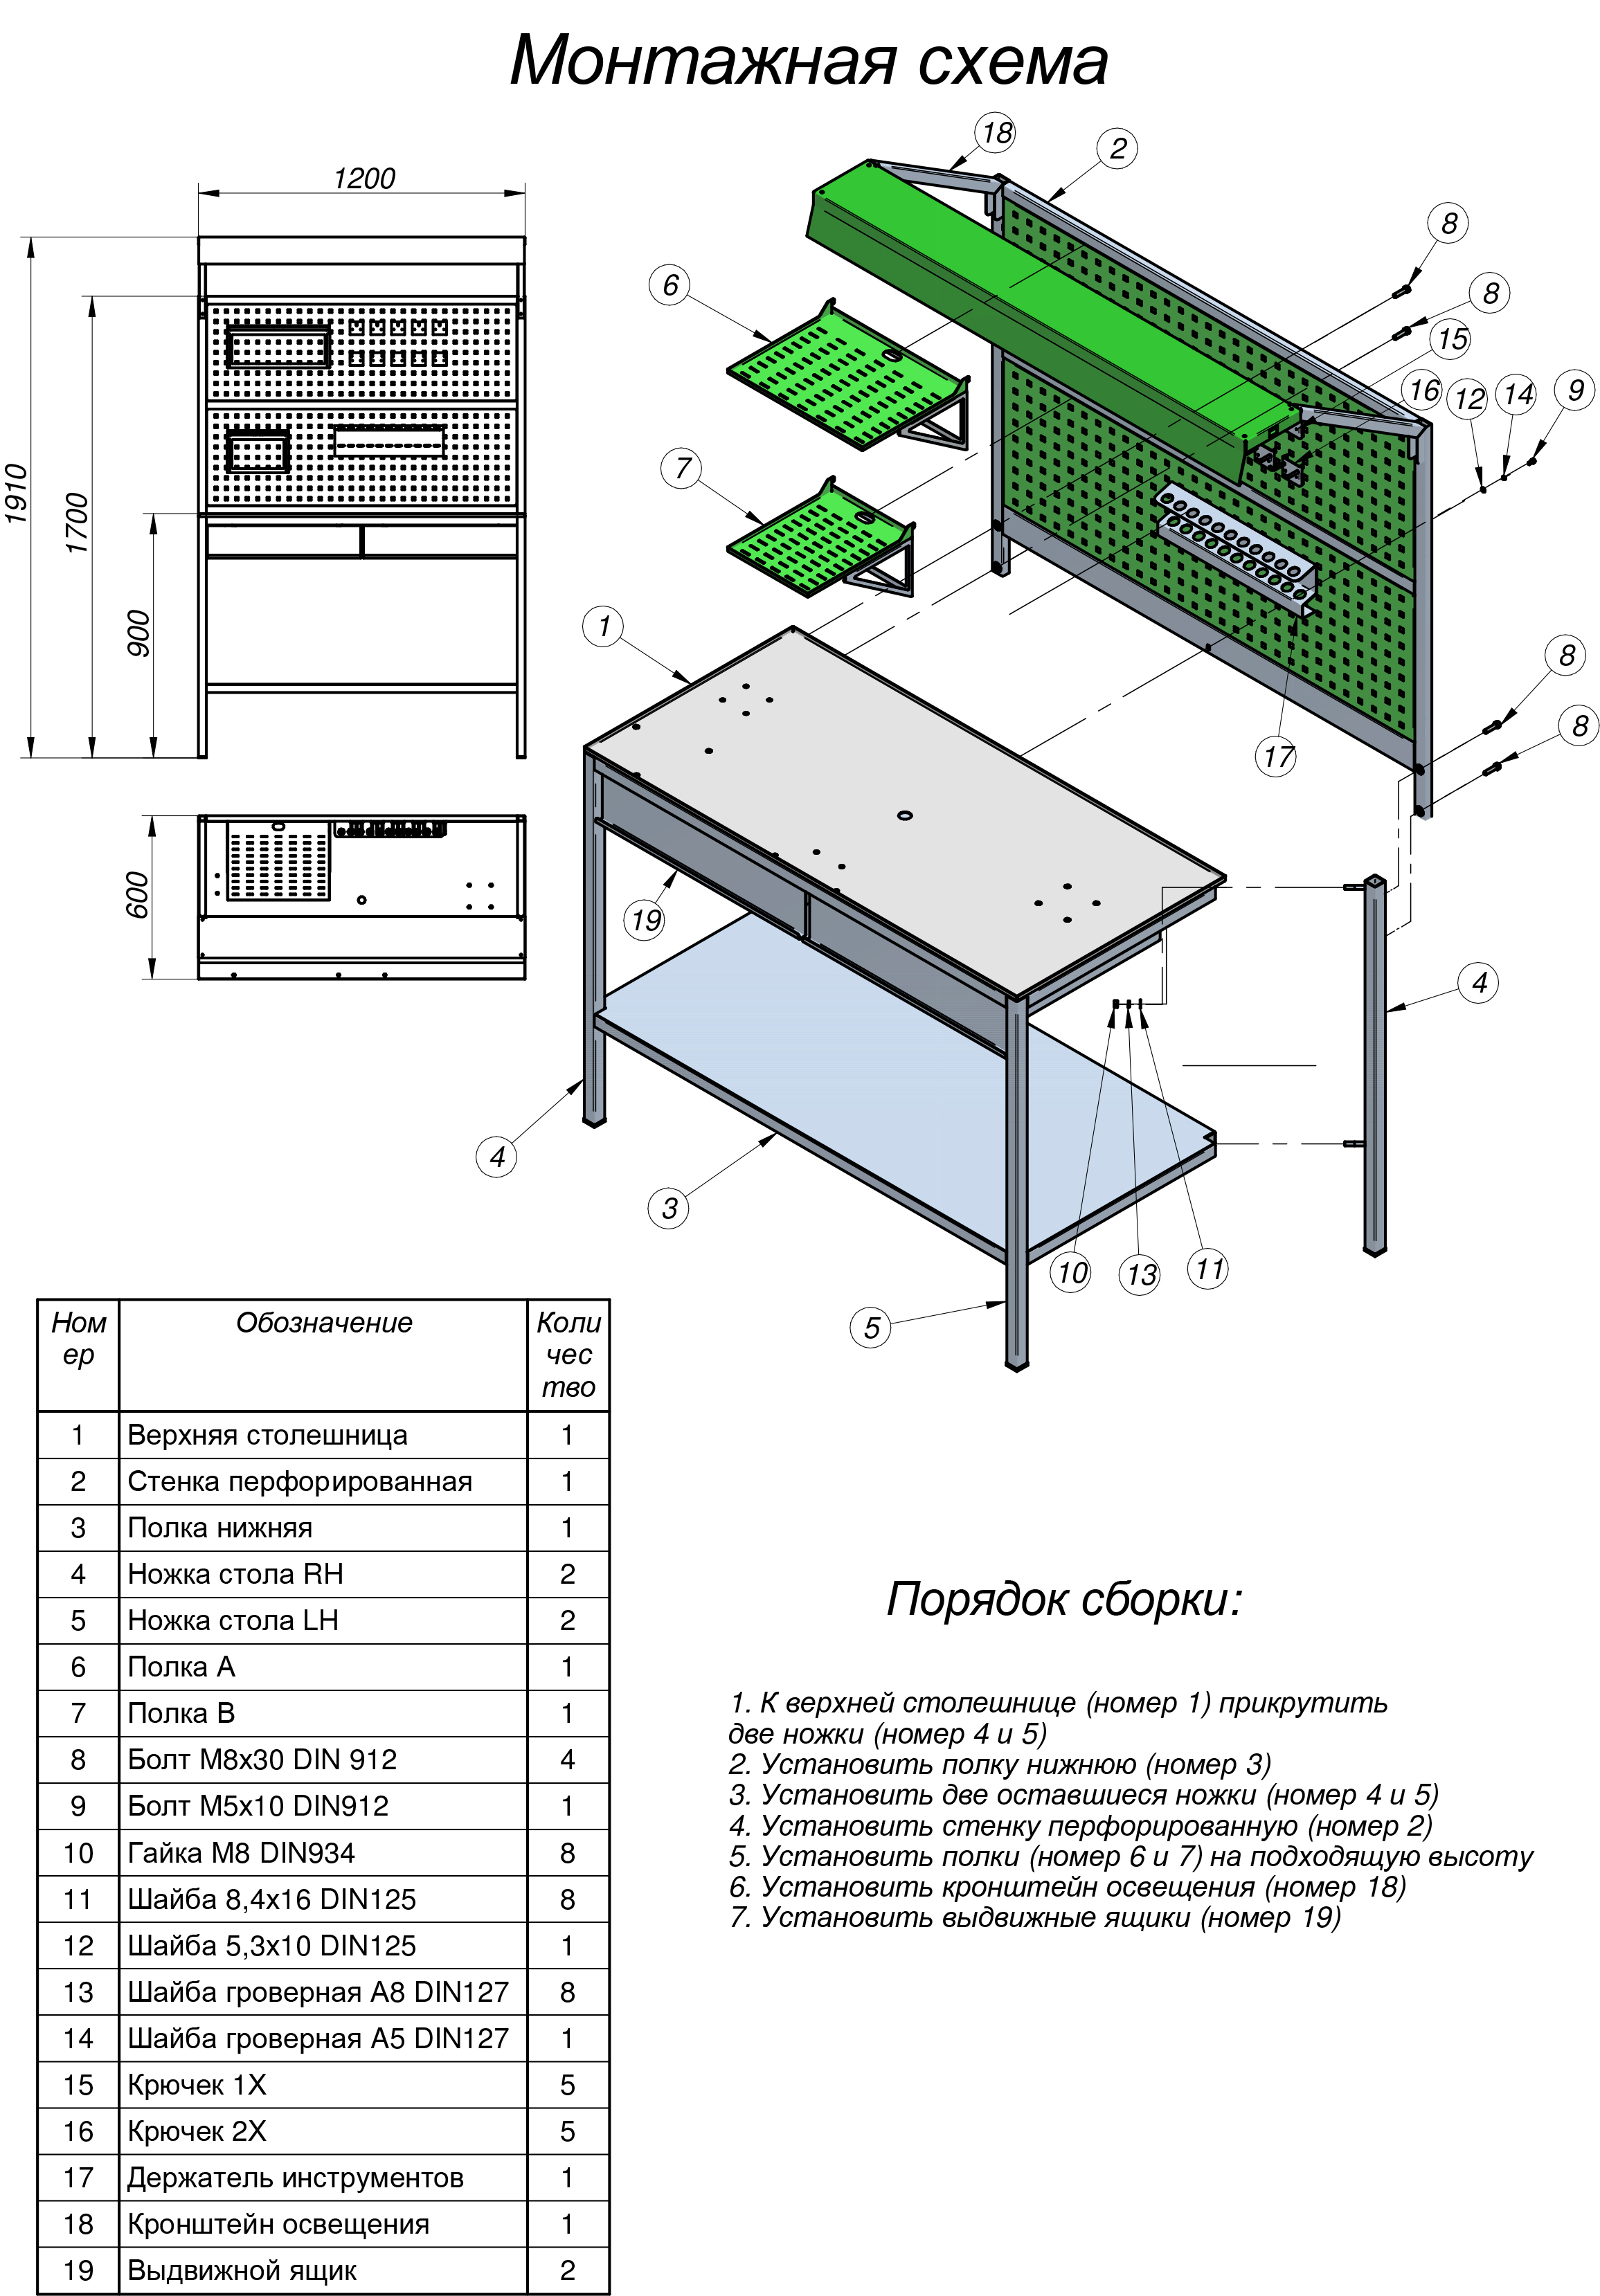 Специальный стол-верстак с двумя выдвижными ящиками в комплекте